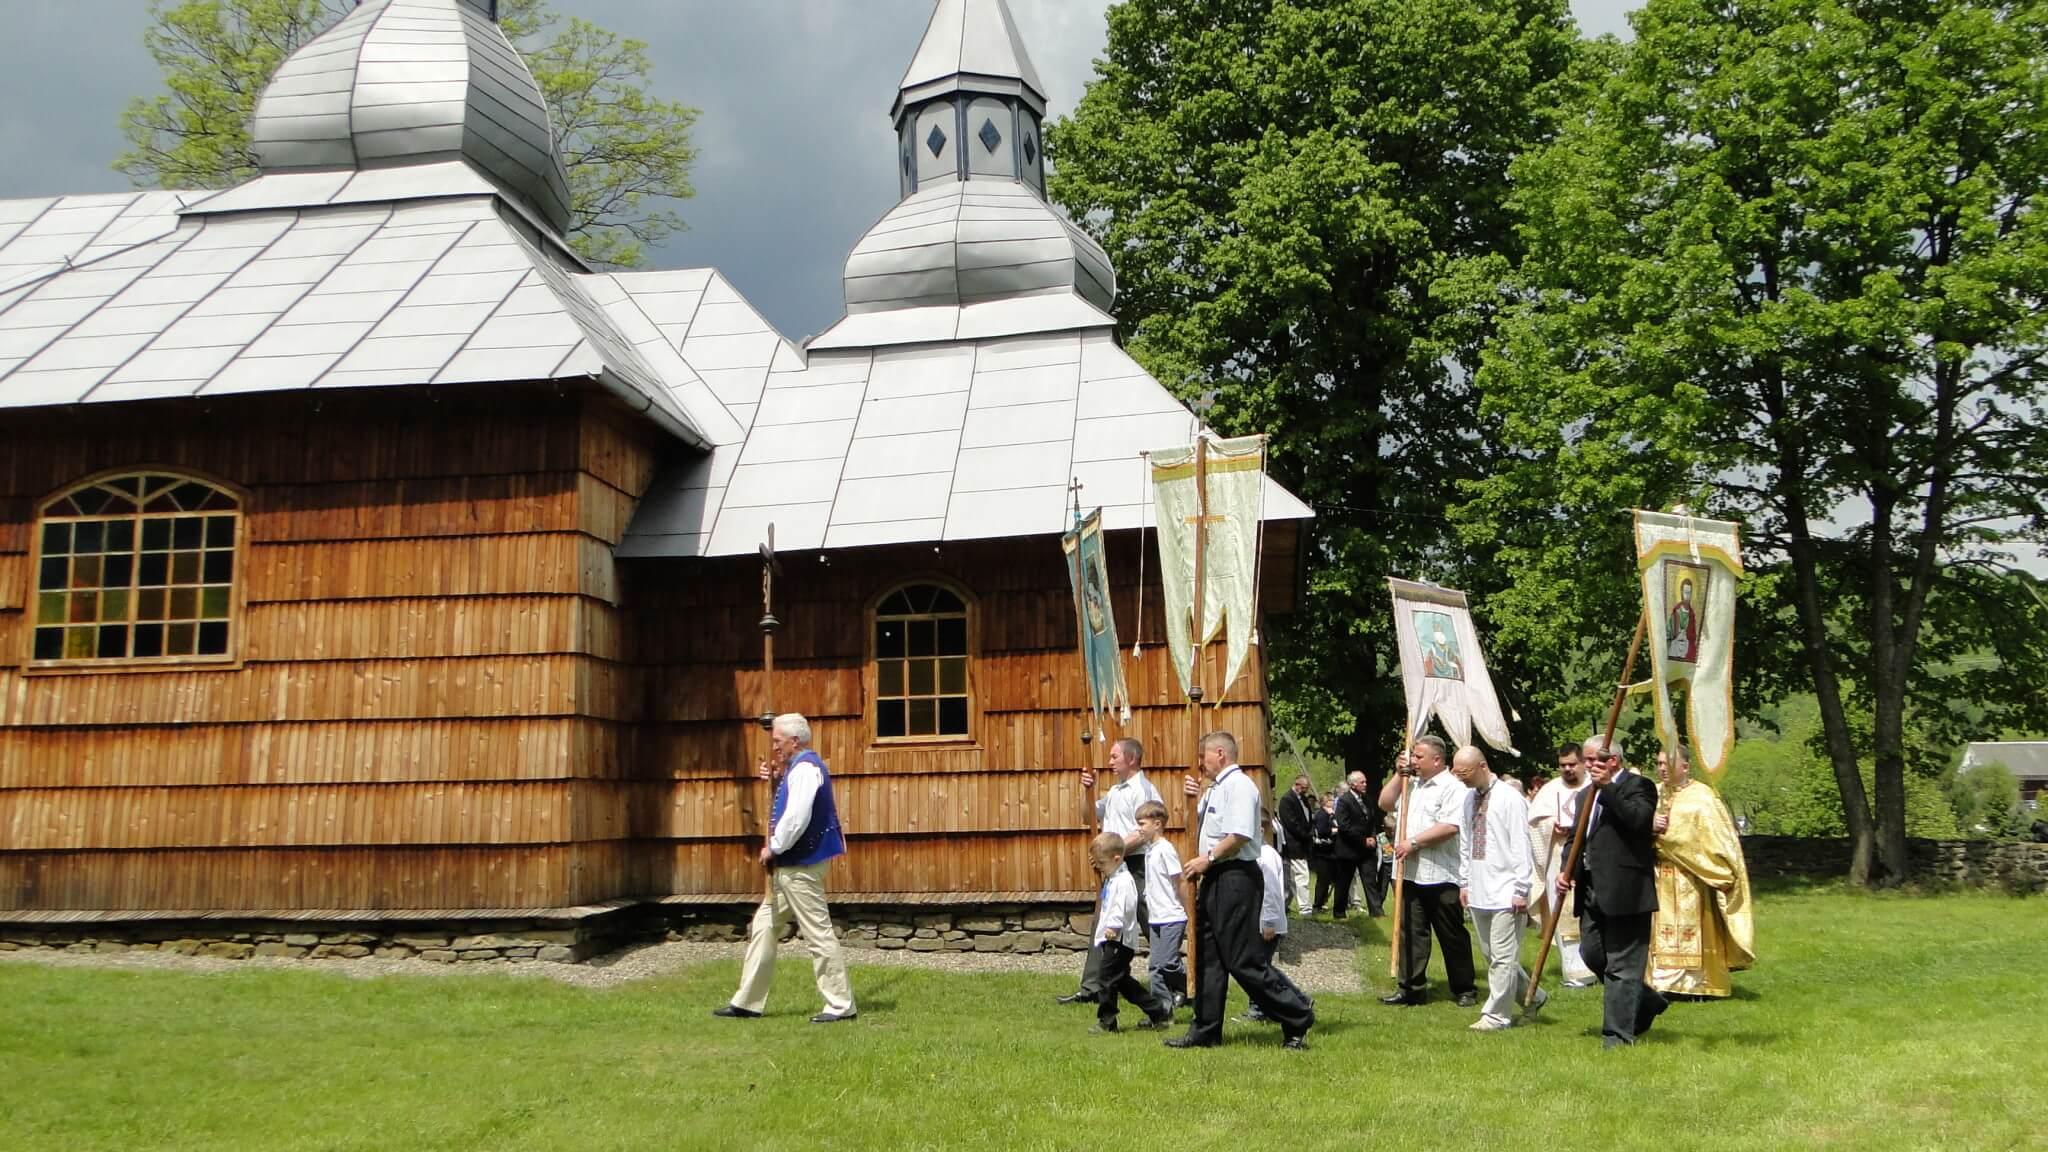 Kermesz w Olchowcu